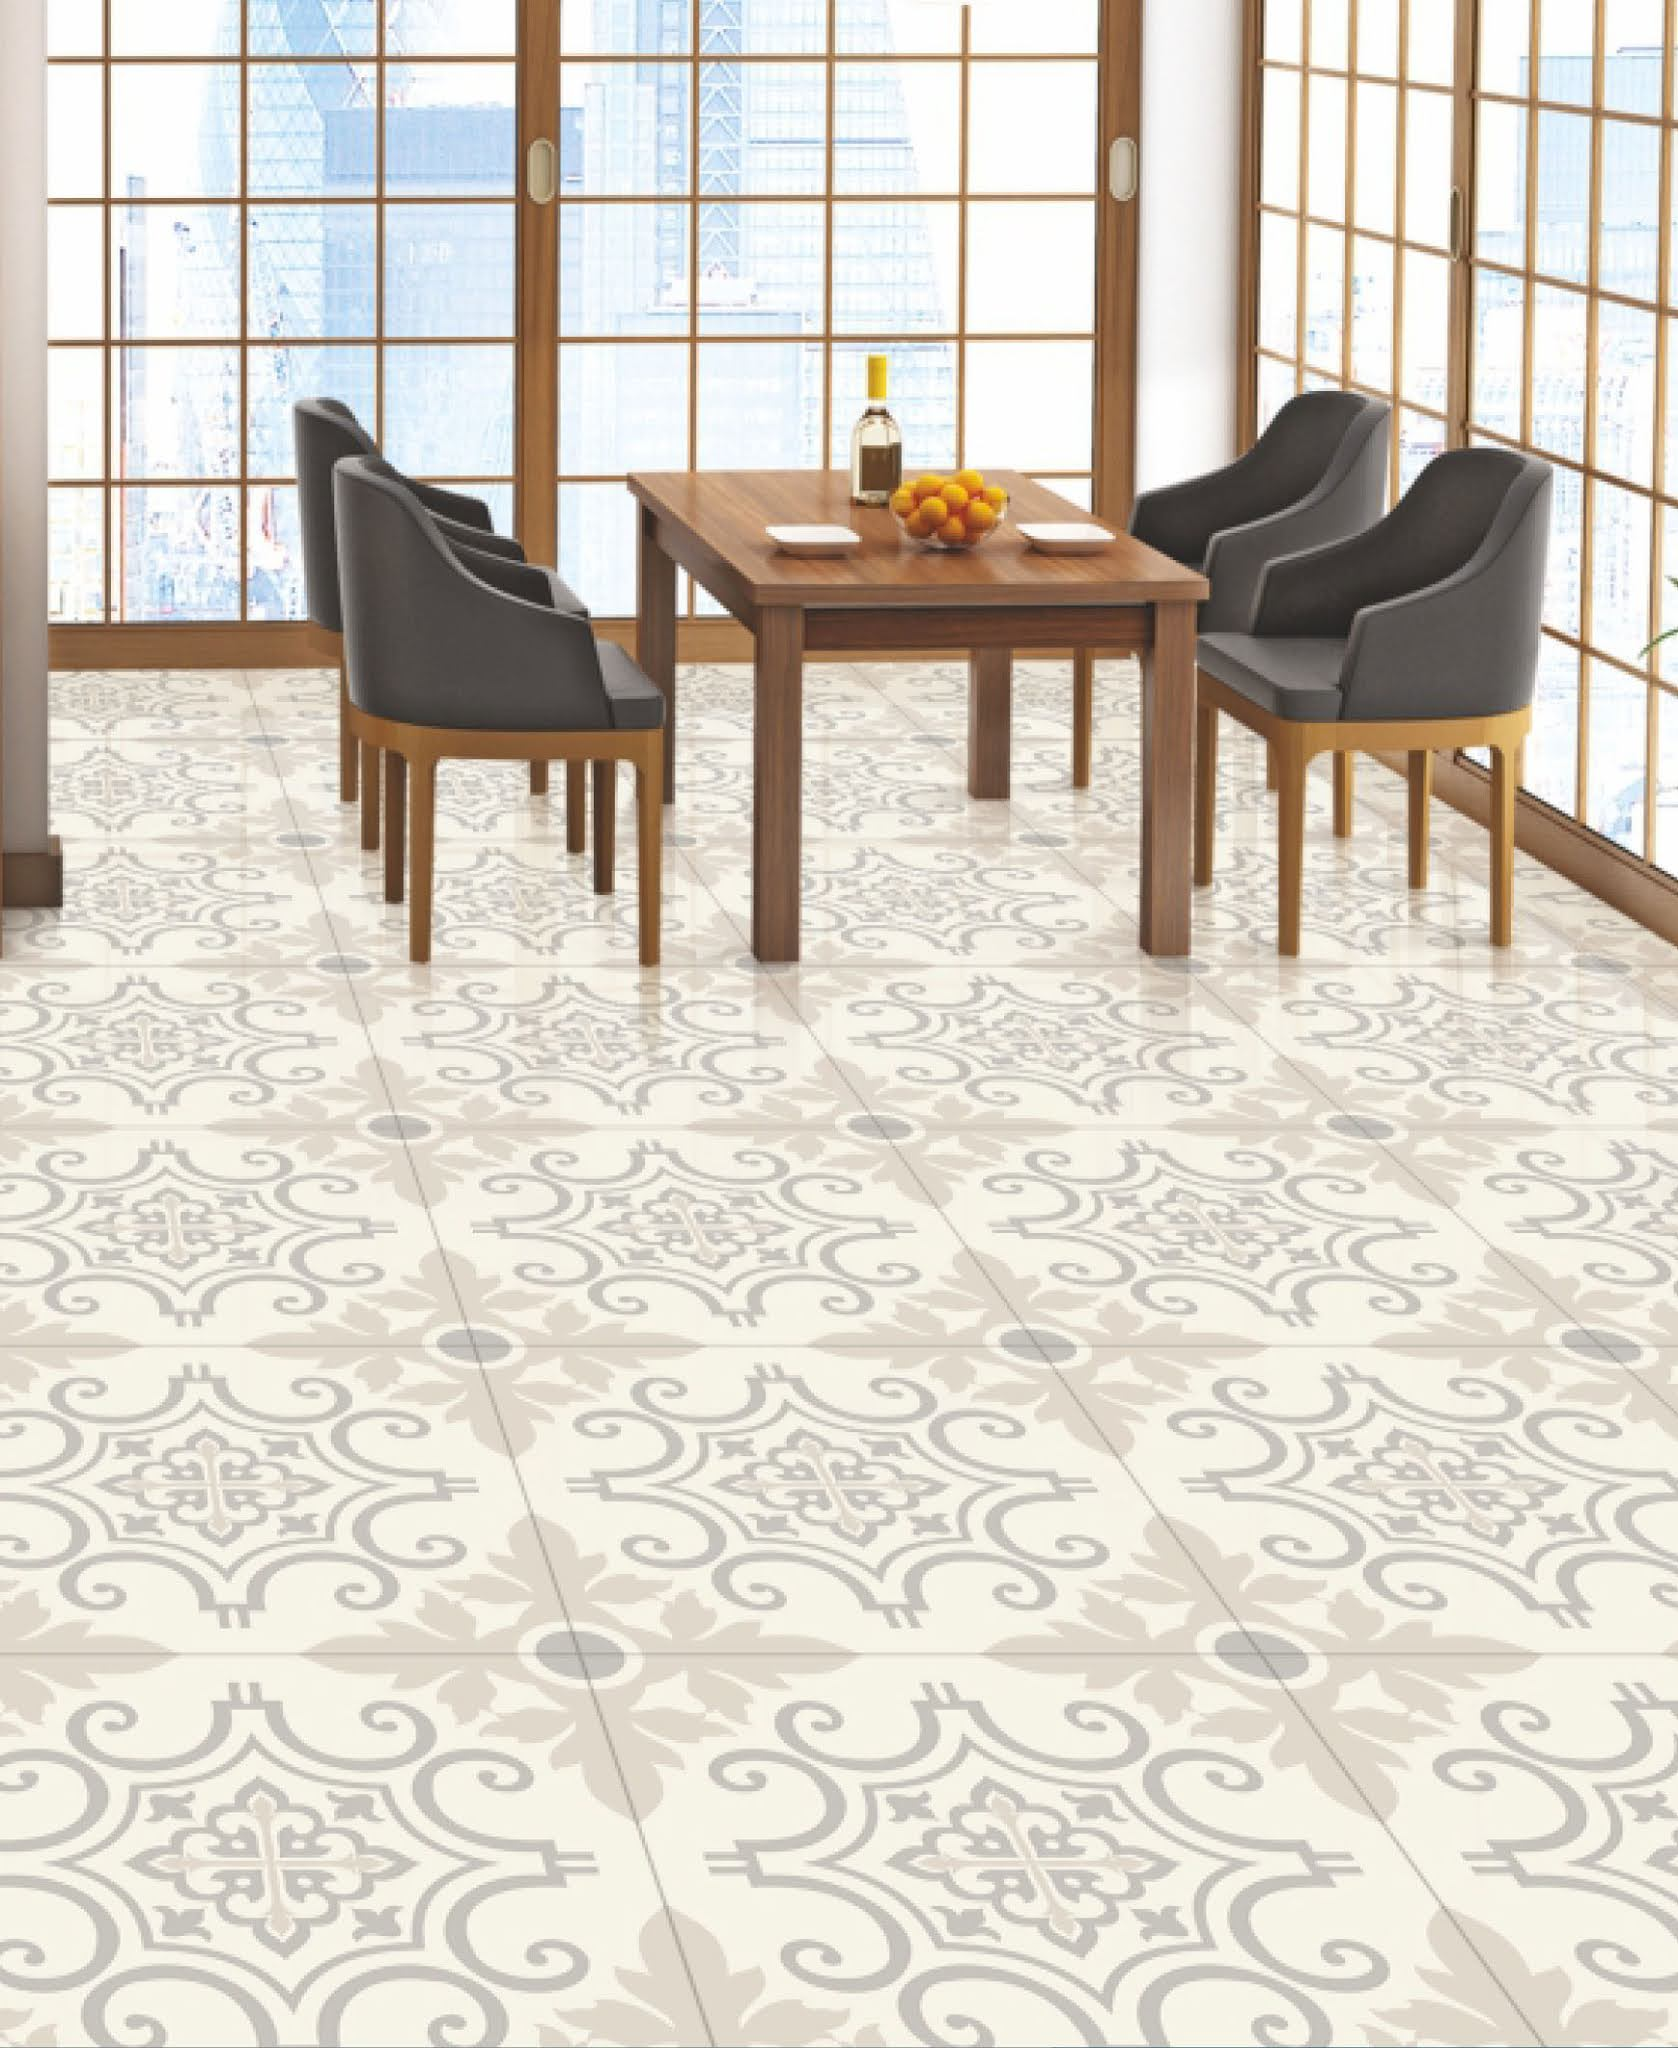 Glazed tiles design | polished glazed tiles design